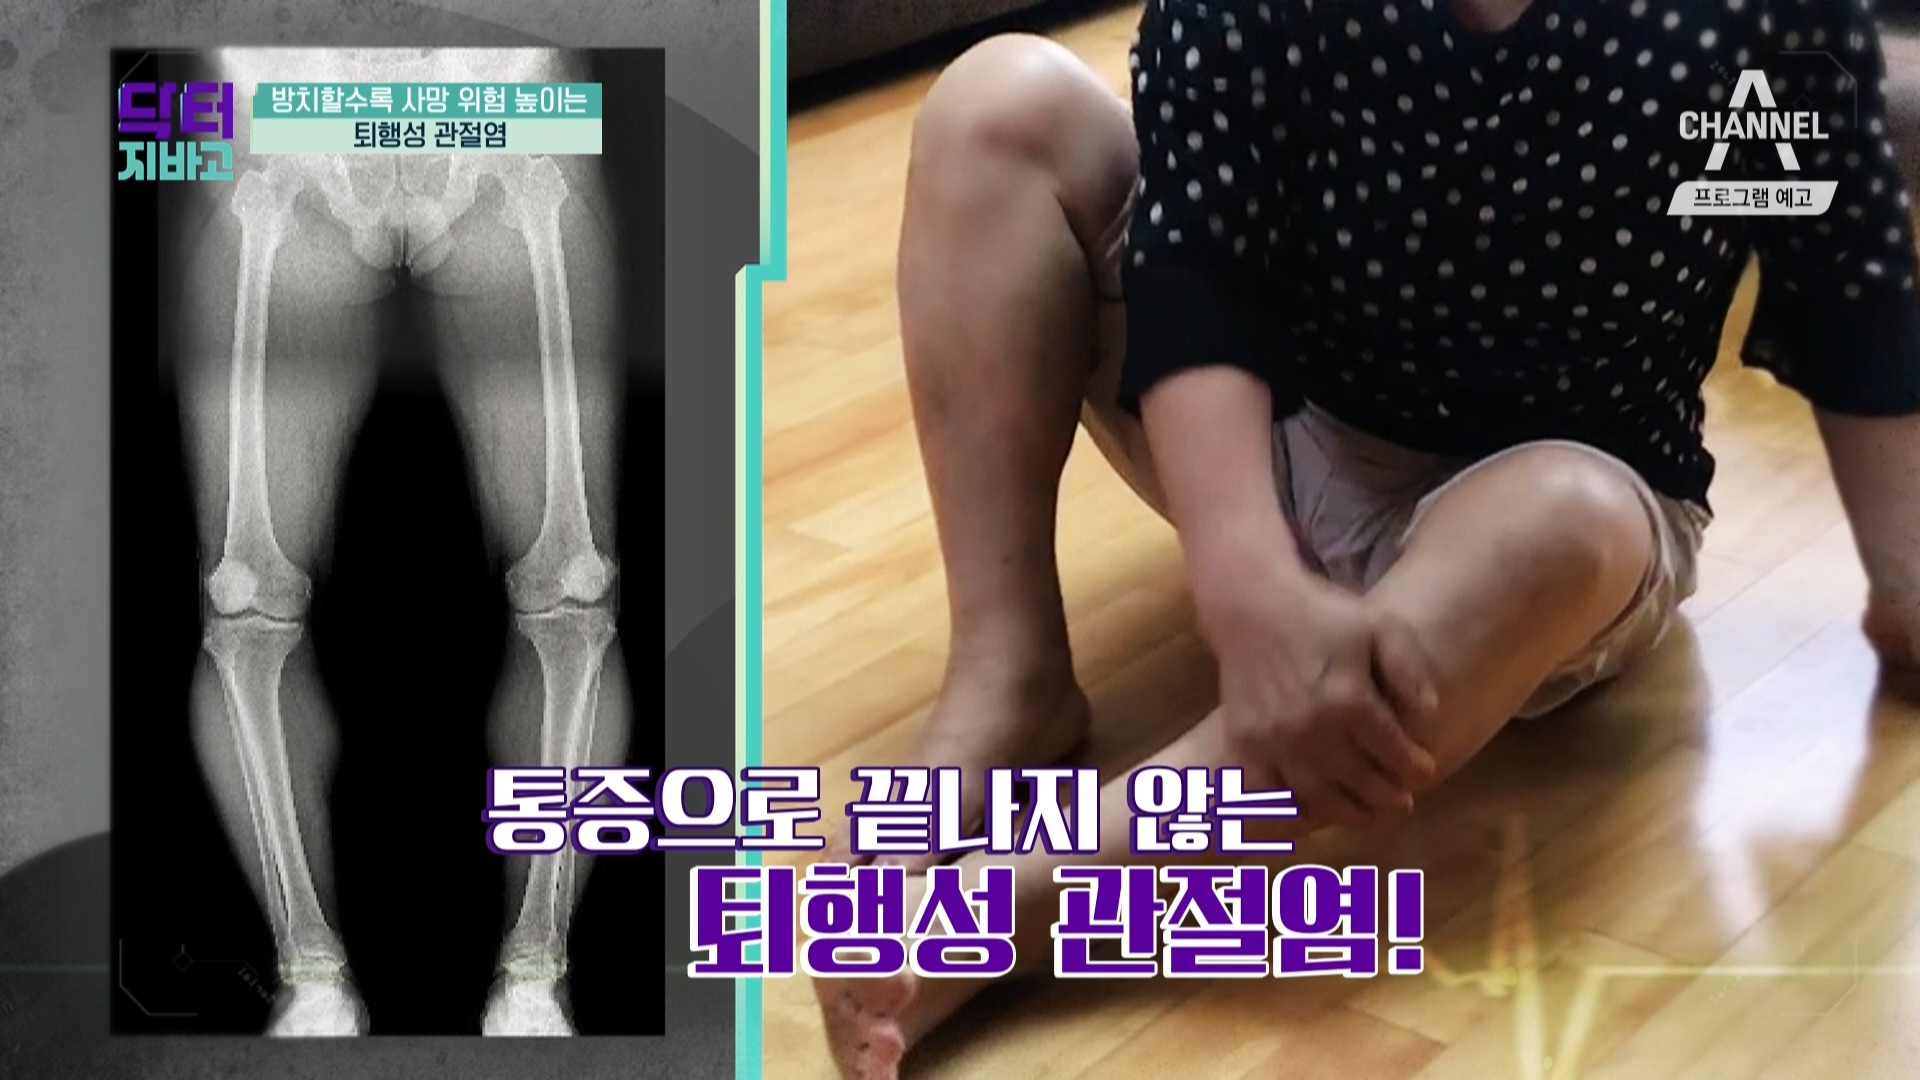 [예고] 퇴행성관절염, '심장병' 발병 위험 높인다?!